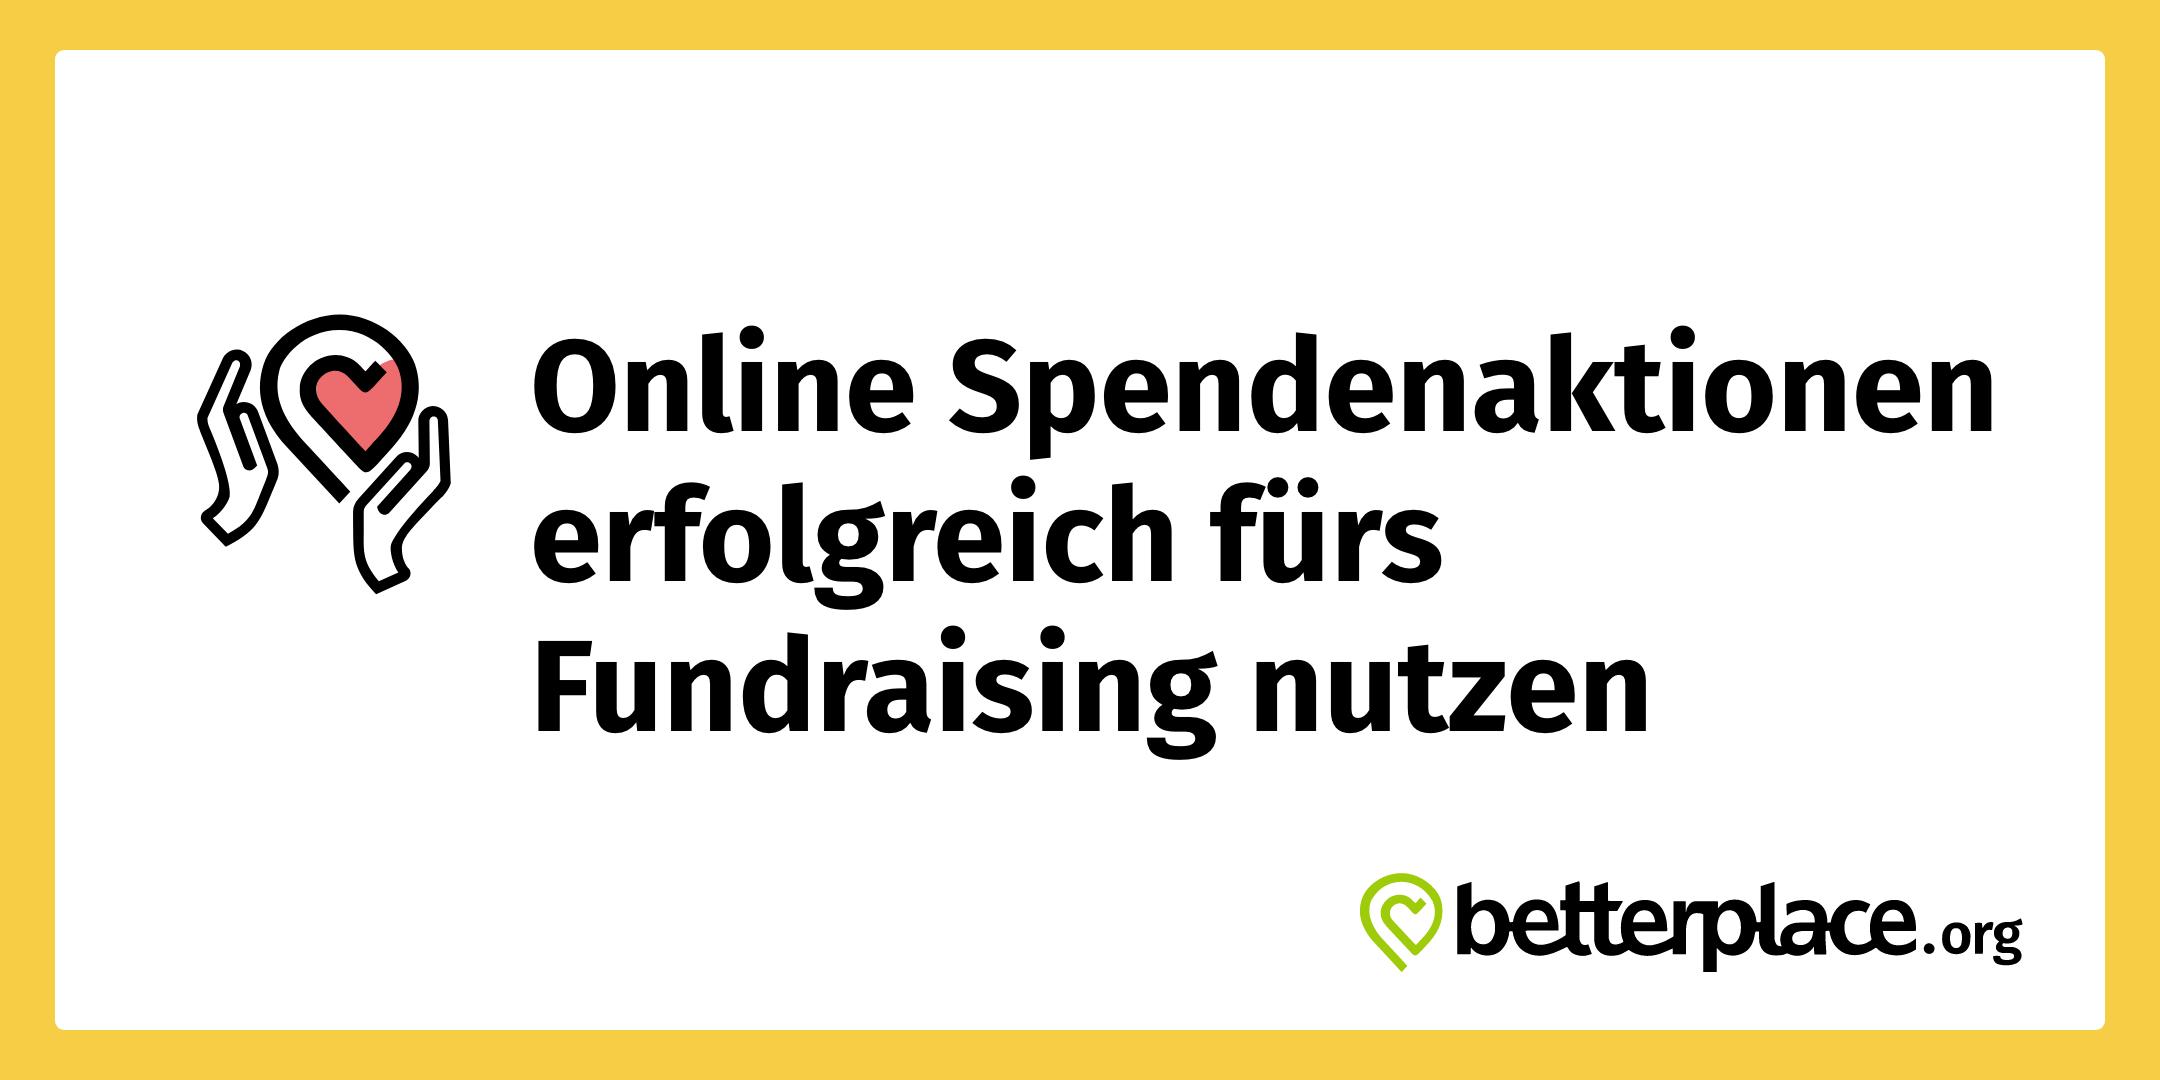 betterplace.org Online Spendenaktionen erfolgreich fürs Fundraising nutzen